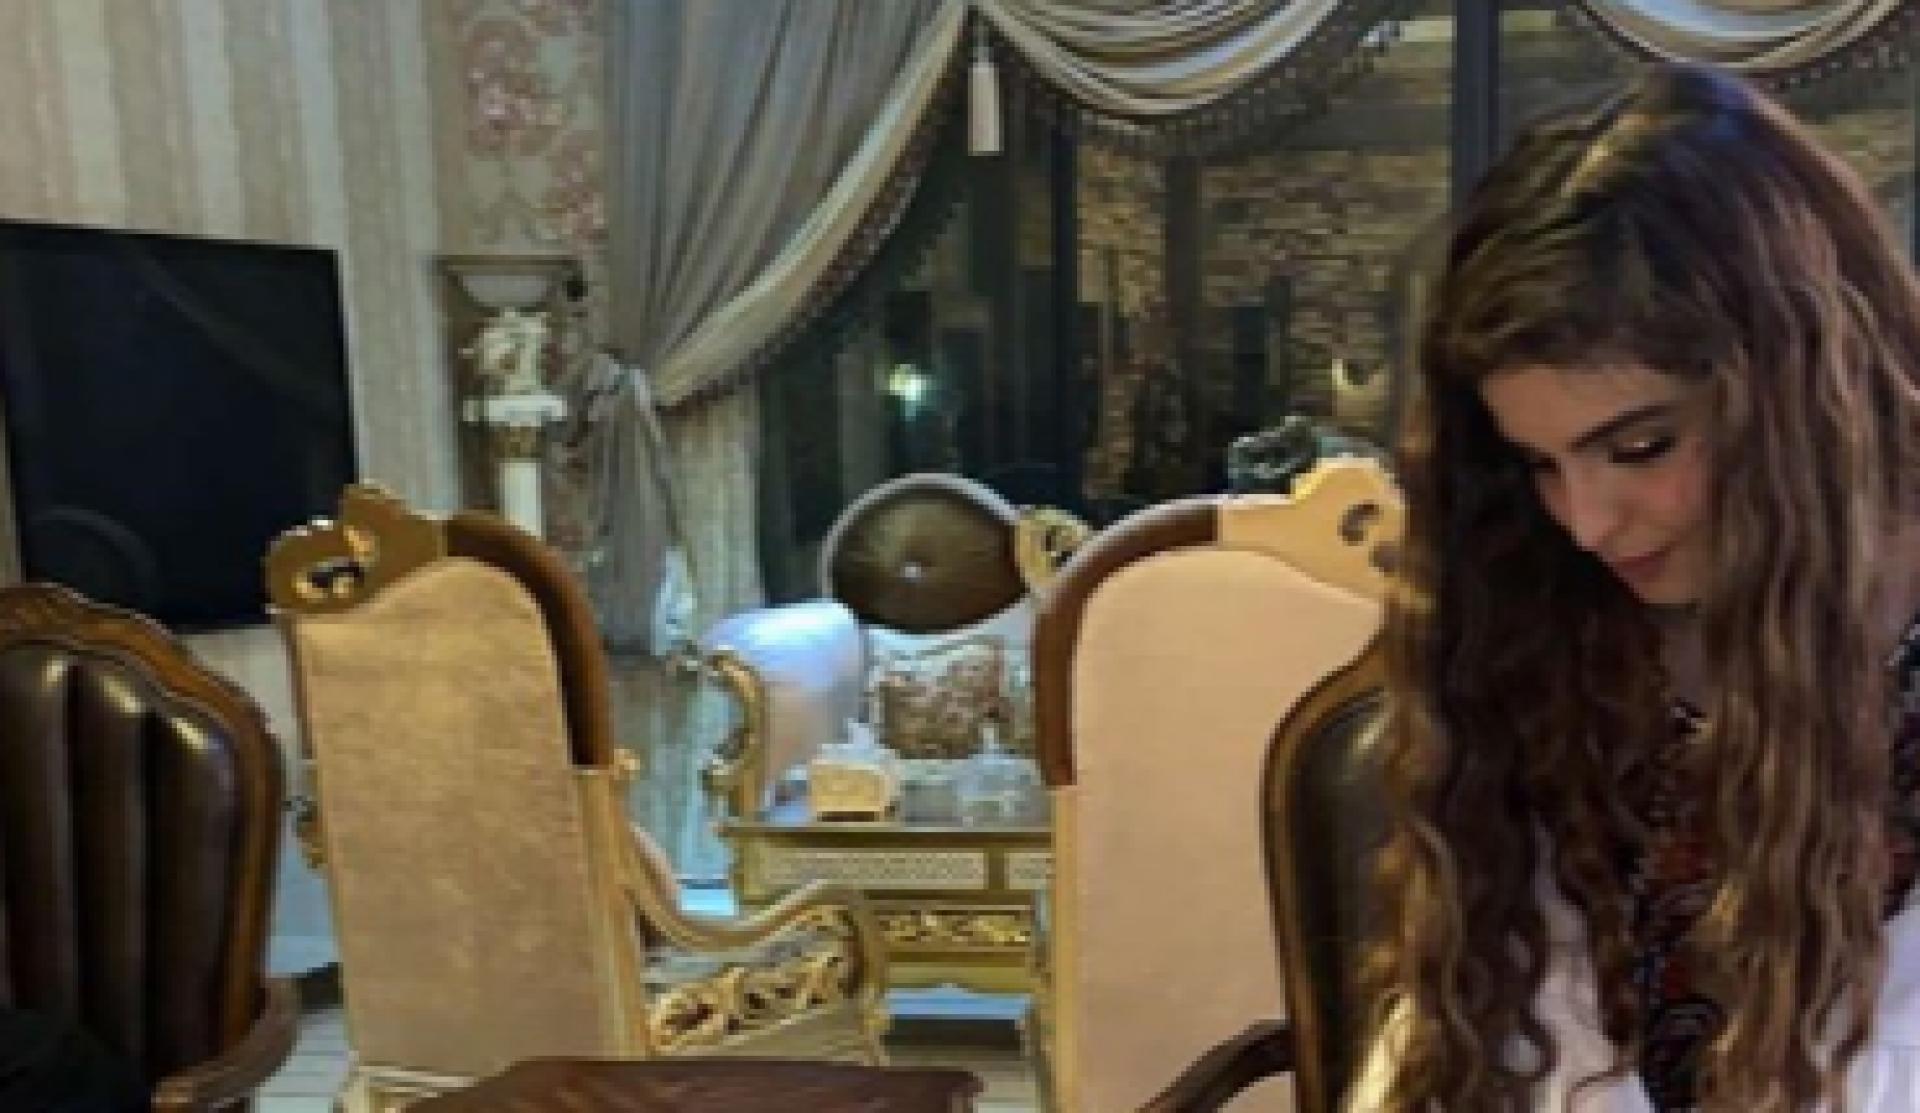 بالفيديو - حلا الترك تبكي في عيد بلوغها سن الرشد وتتجاهل والدتها